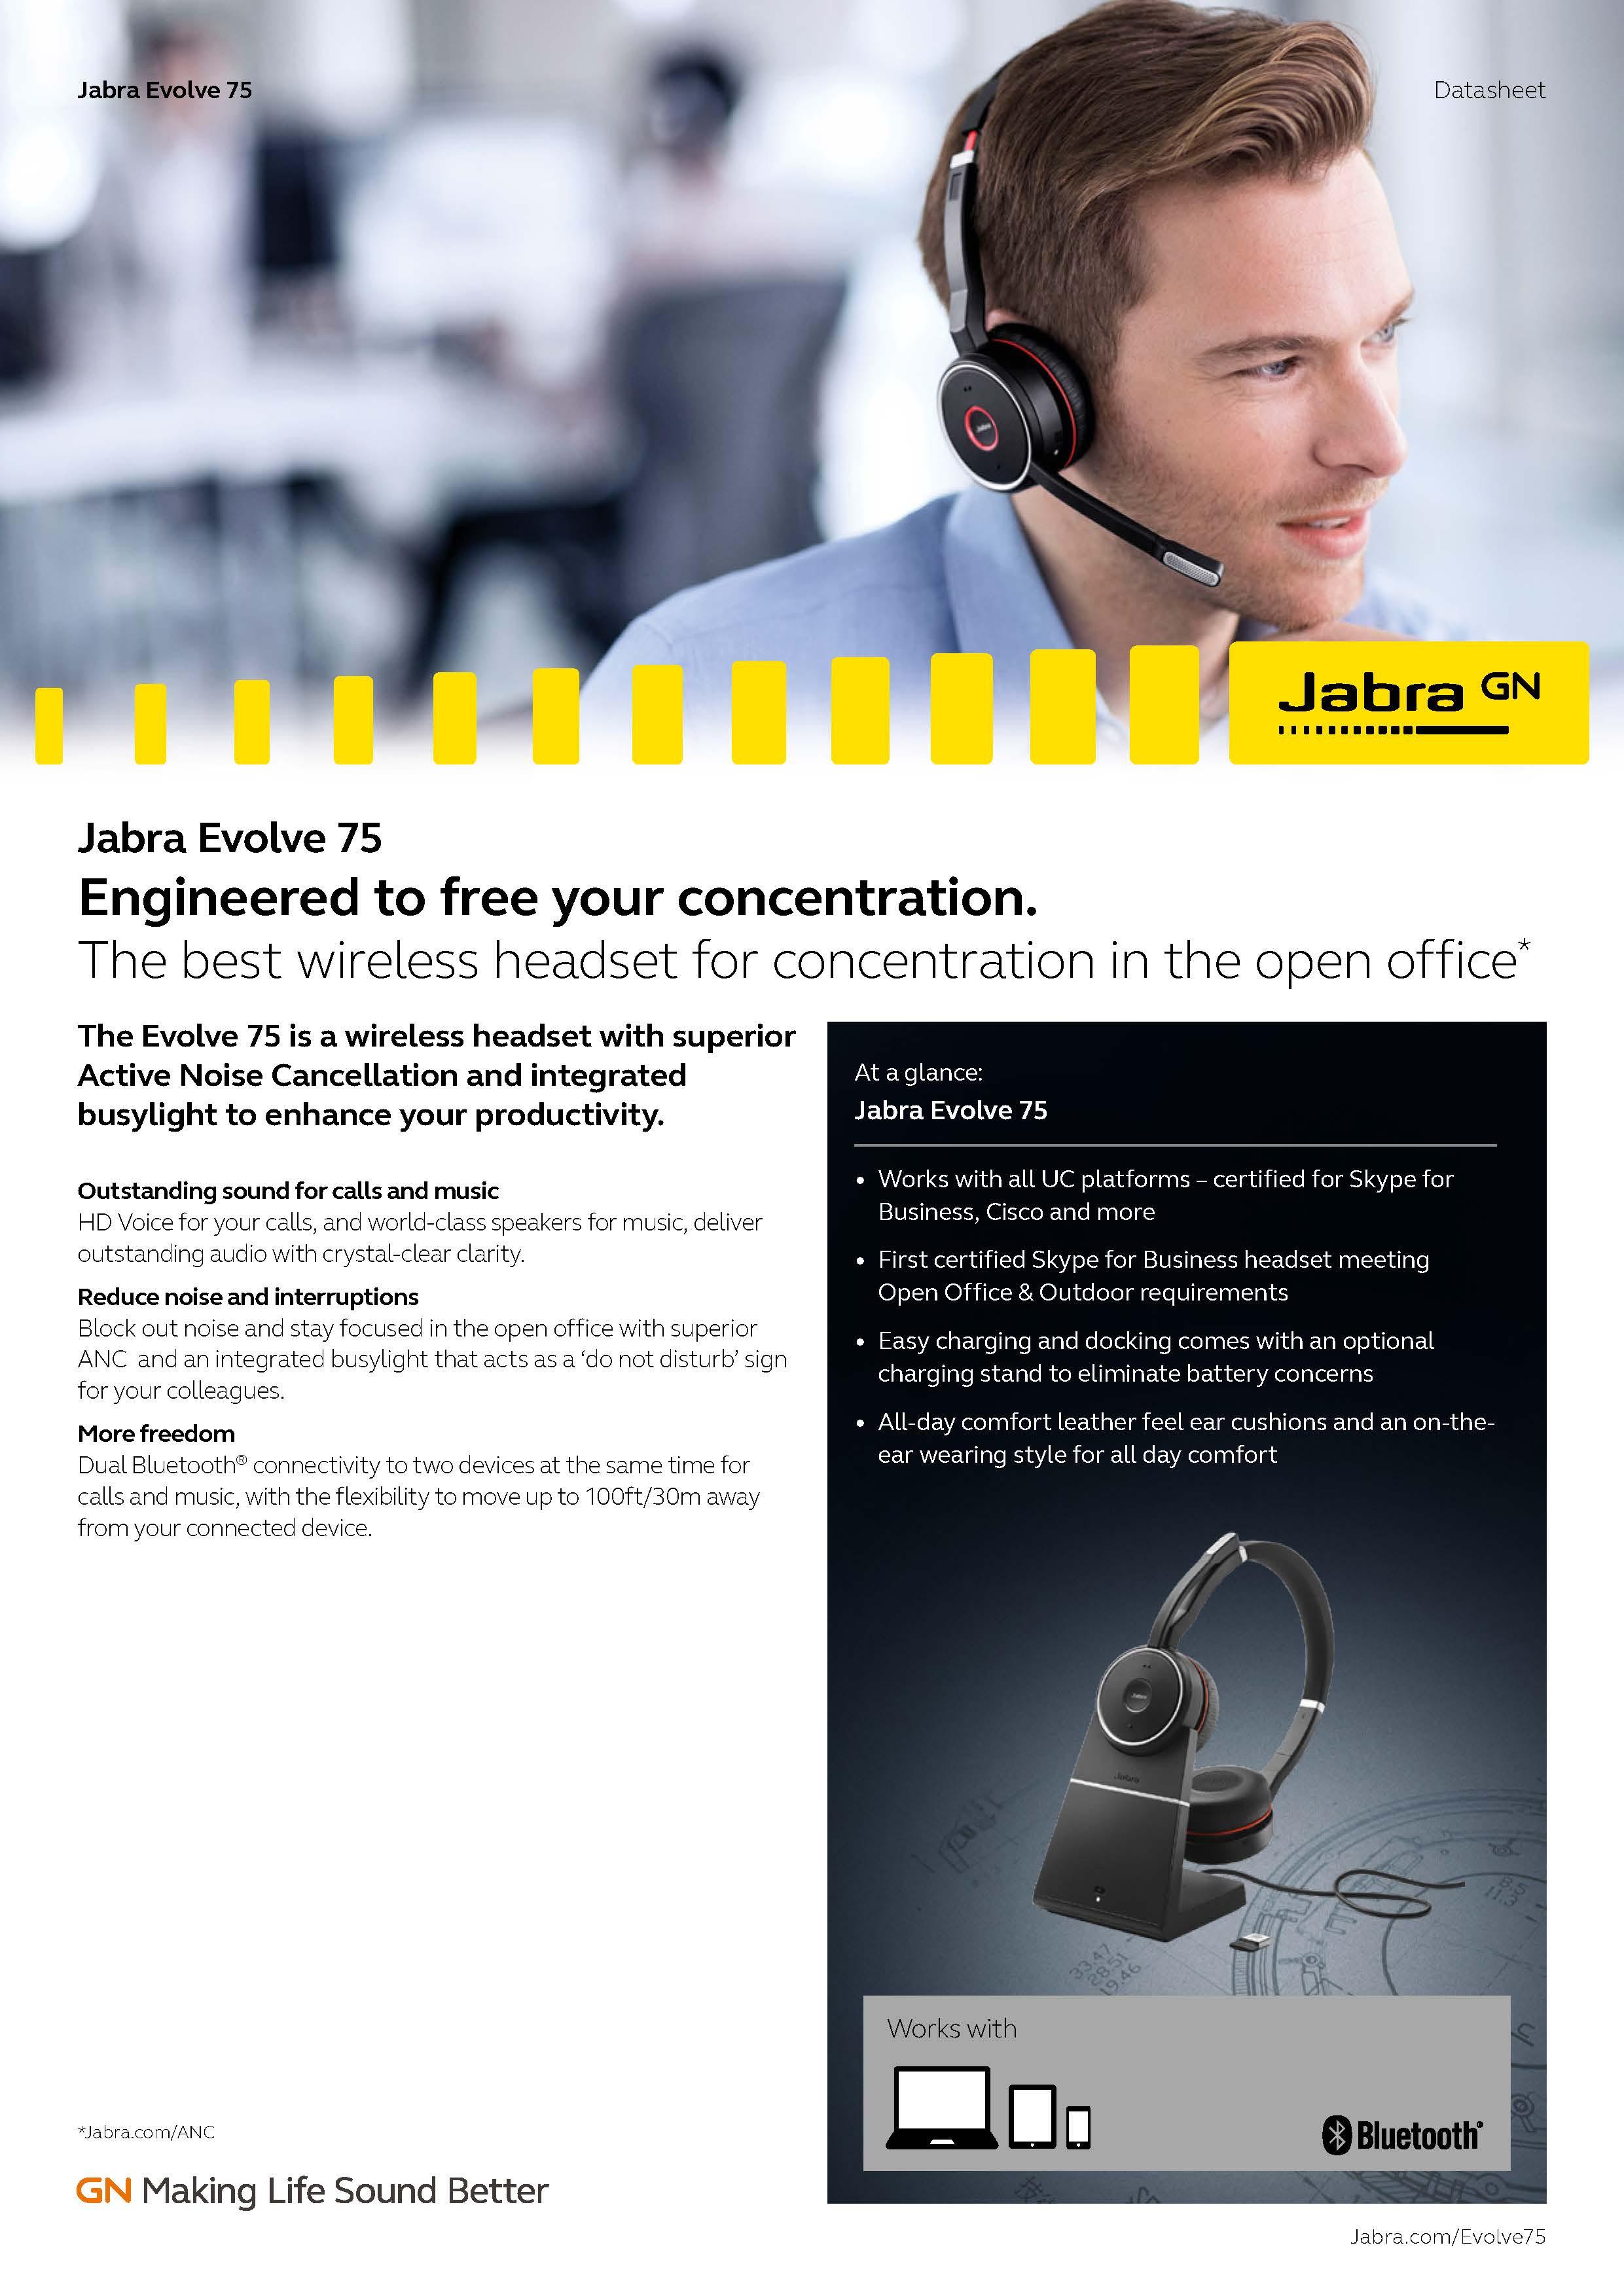 Jabra Evolve 75 Ms Stereo Jba 7599 832 109